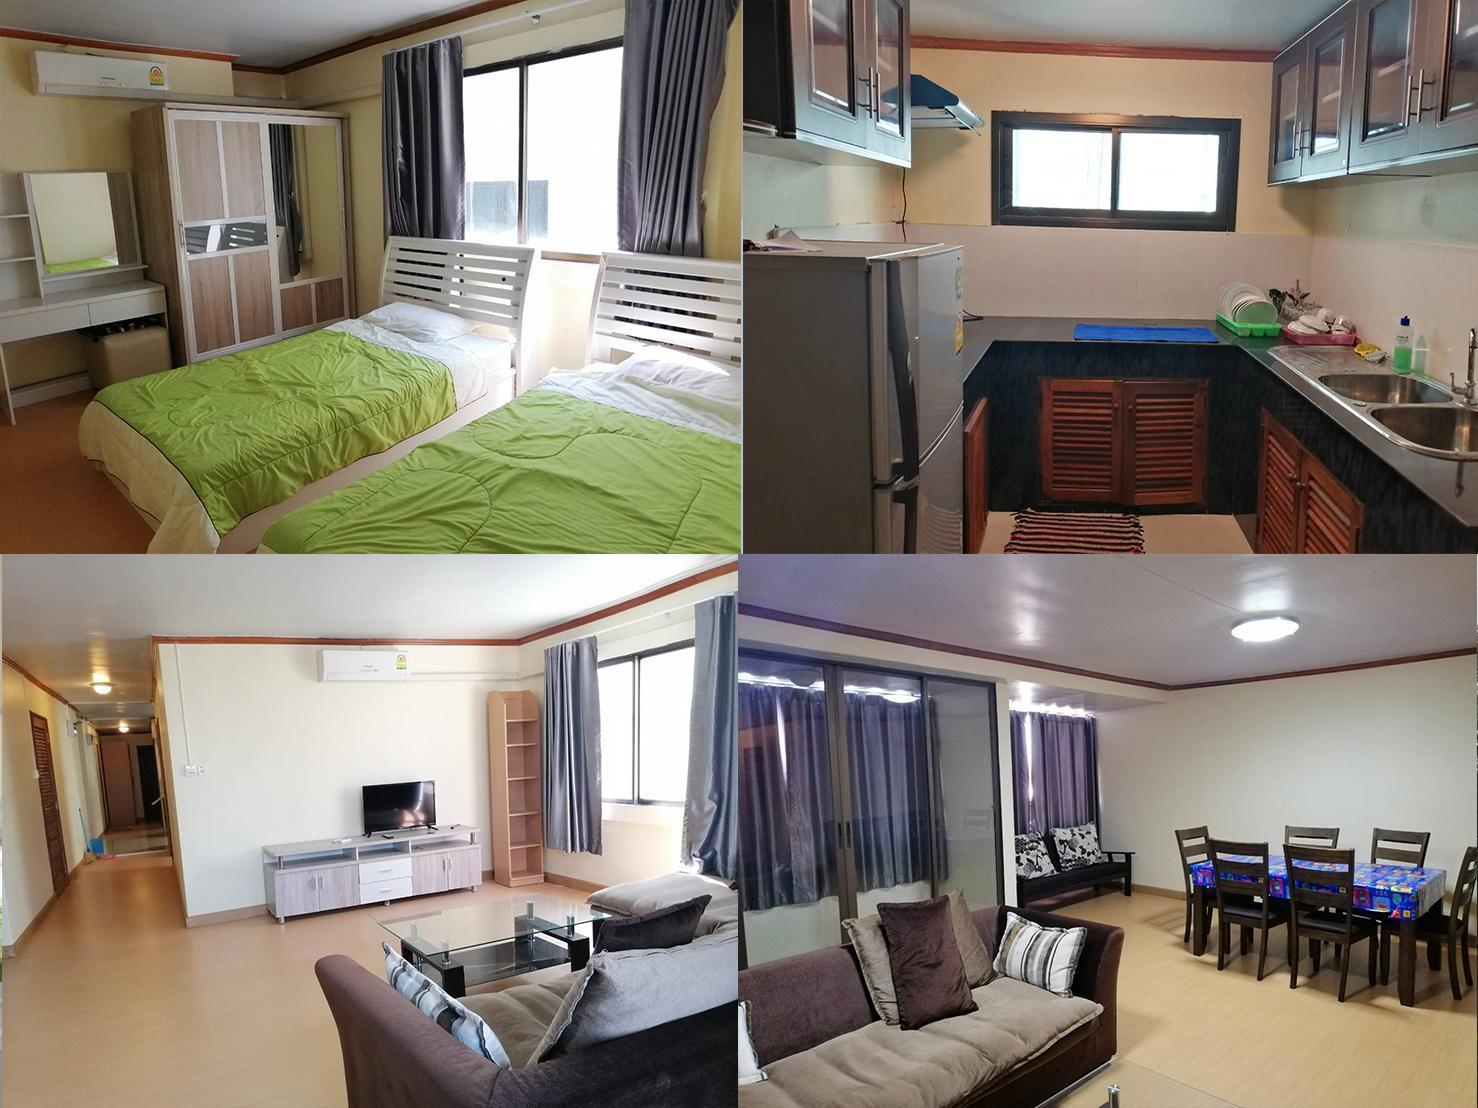 Hill Park Condominium 2 (Room 8C) อพาร์ตเมนต์ 1 ห้องนอน 1 ห้องน้ำส่วนตัว ขนาด 100 ตร.ม. – ห้วยแก้ว